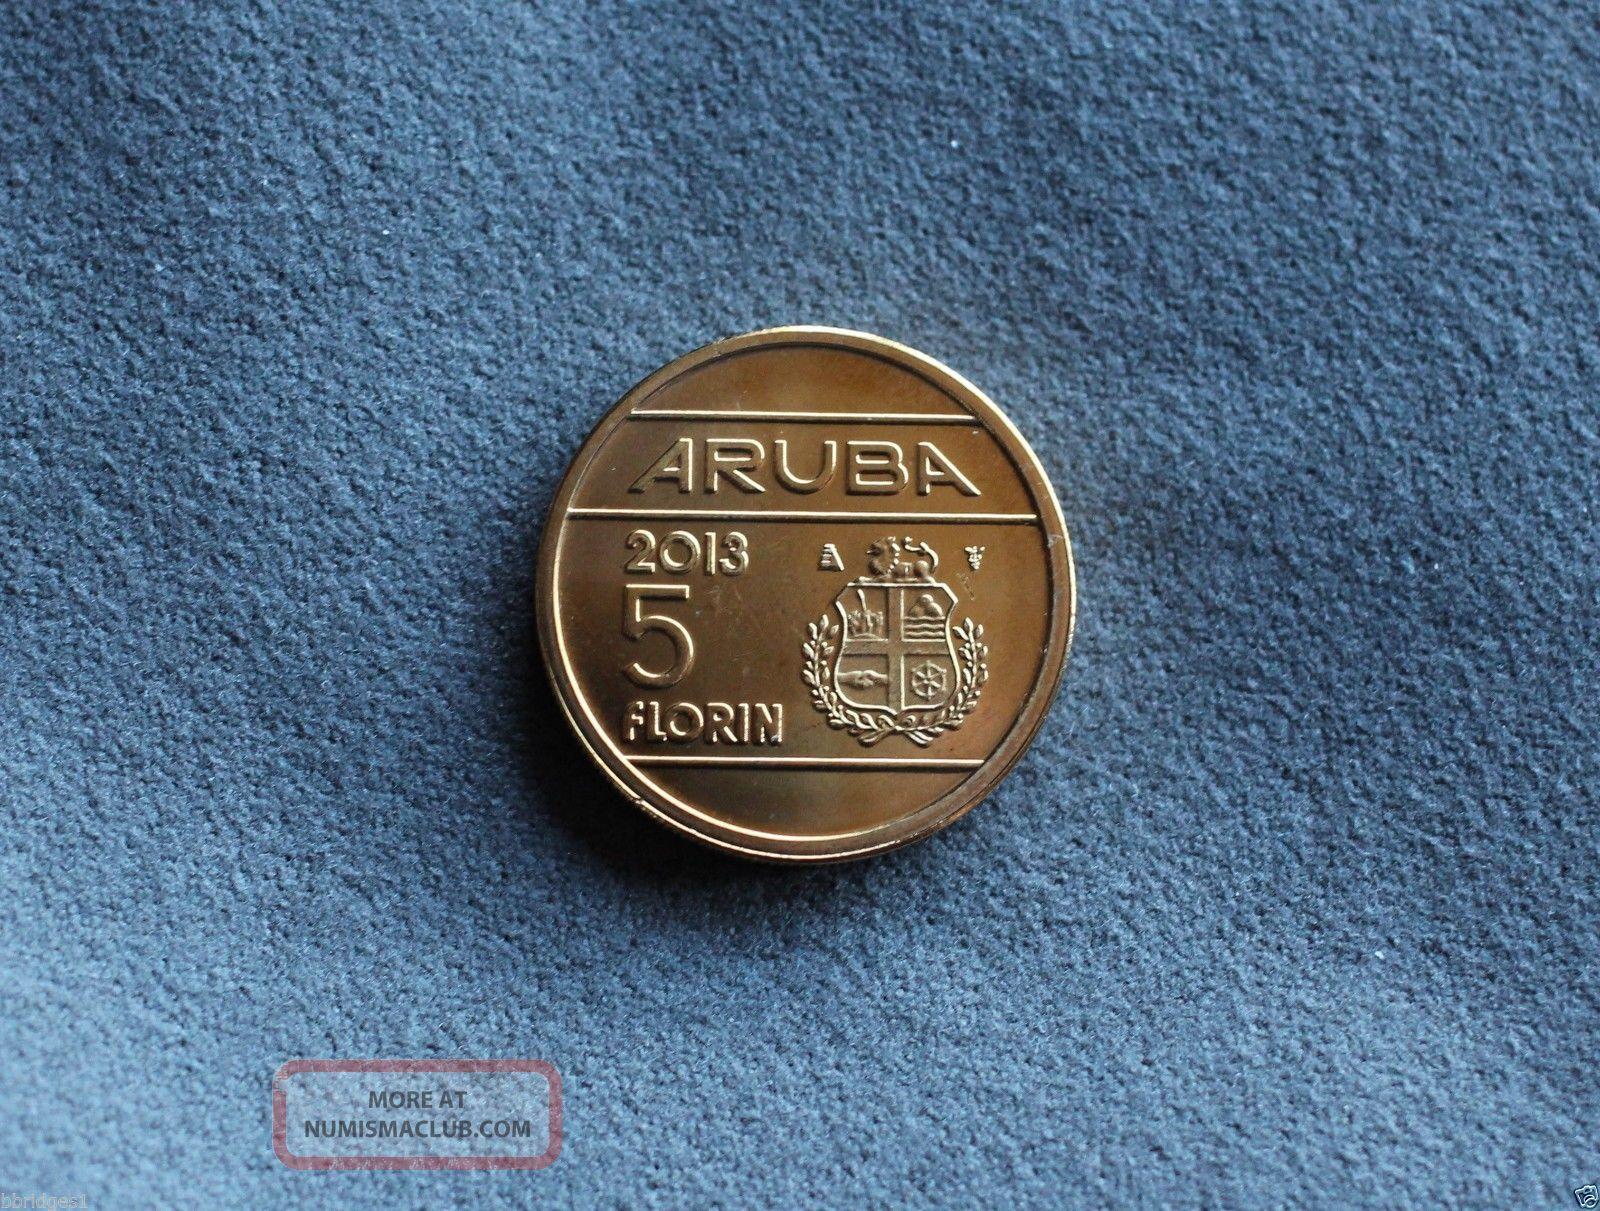 Aruba Commemorative 5 Florin Coin 2013 Unc - Rare & Hard To Find North & Central America photo